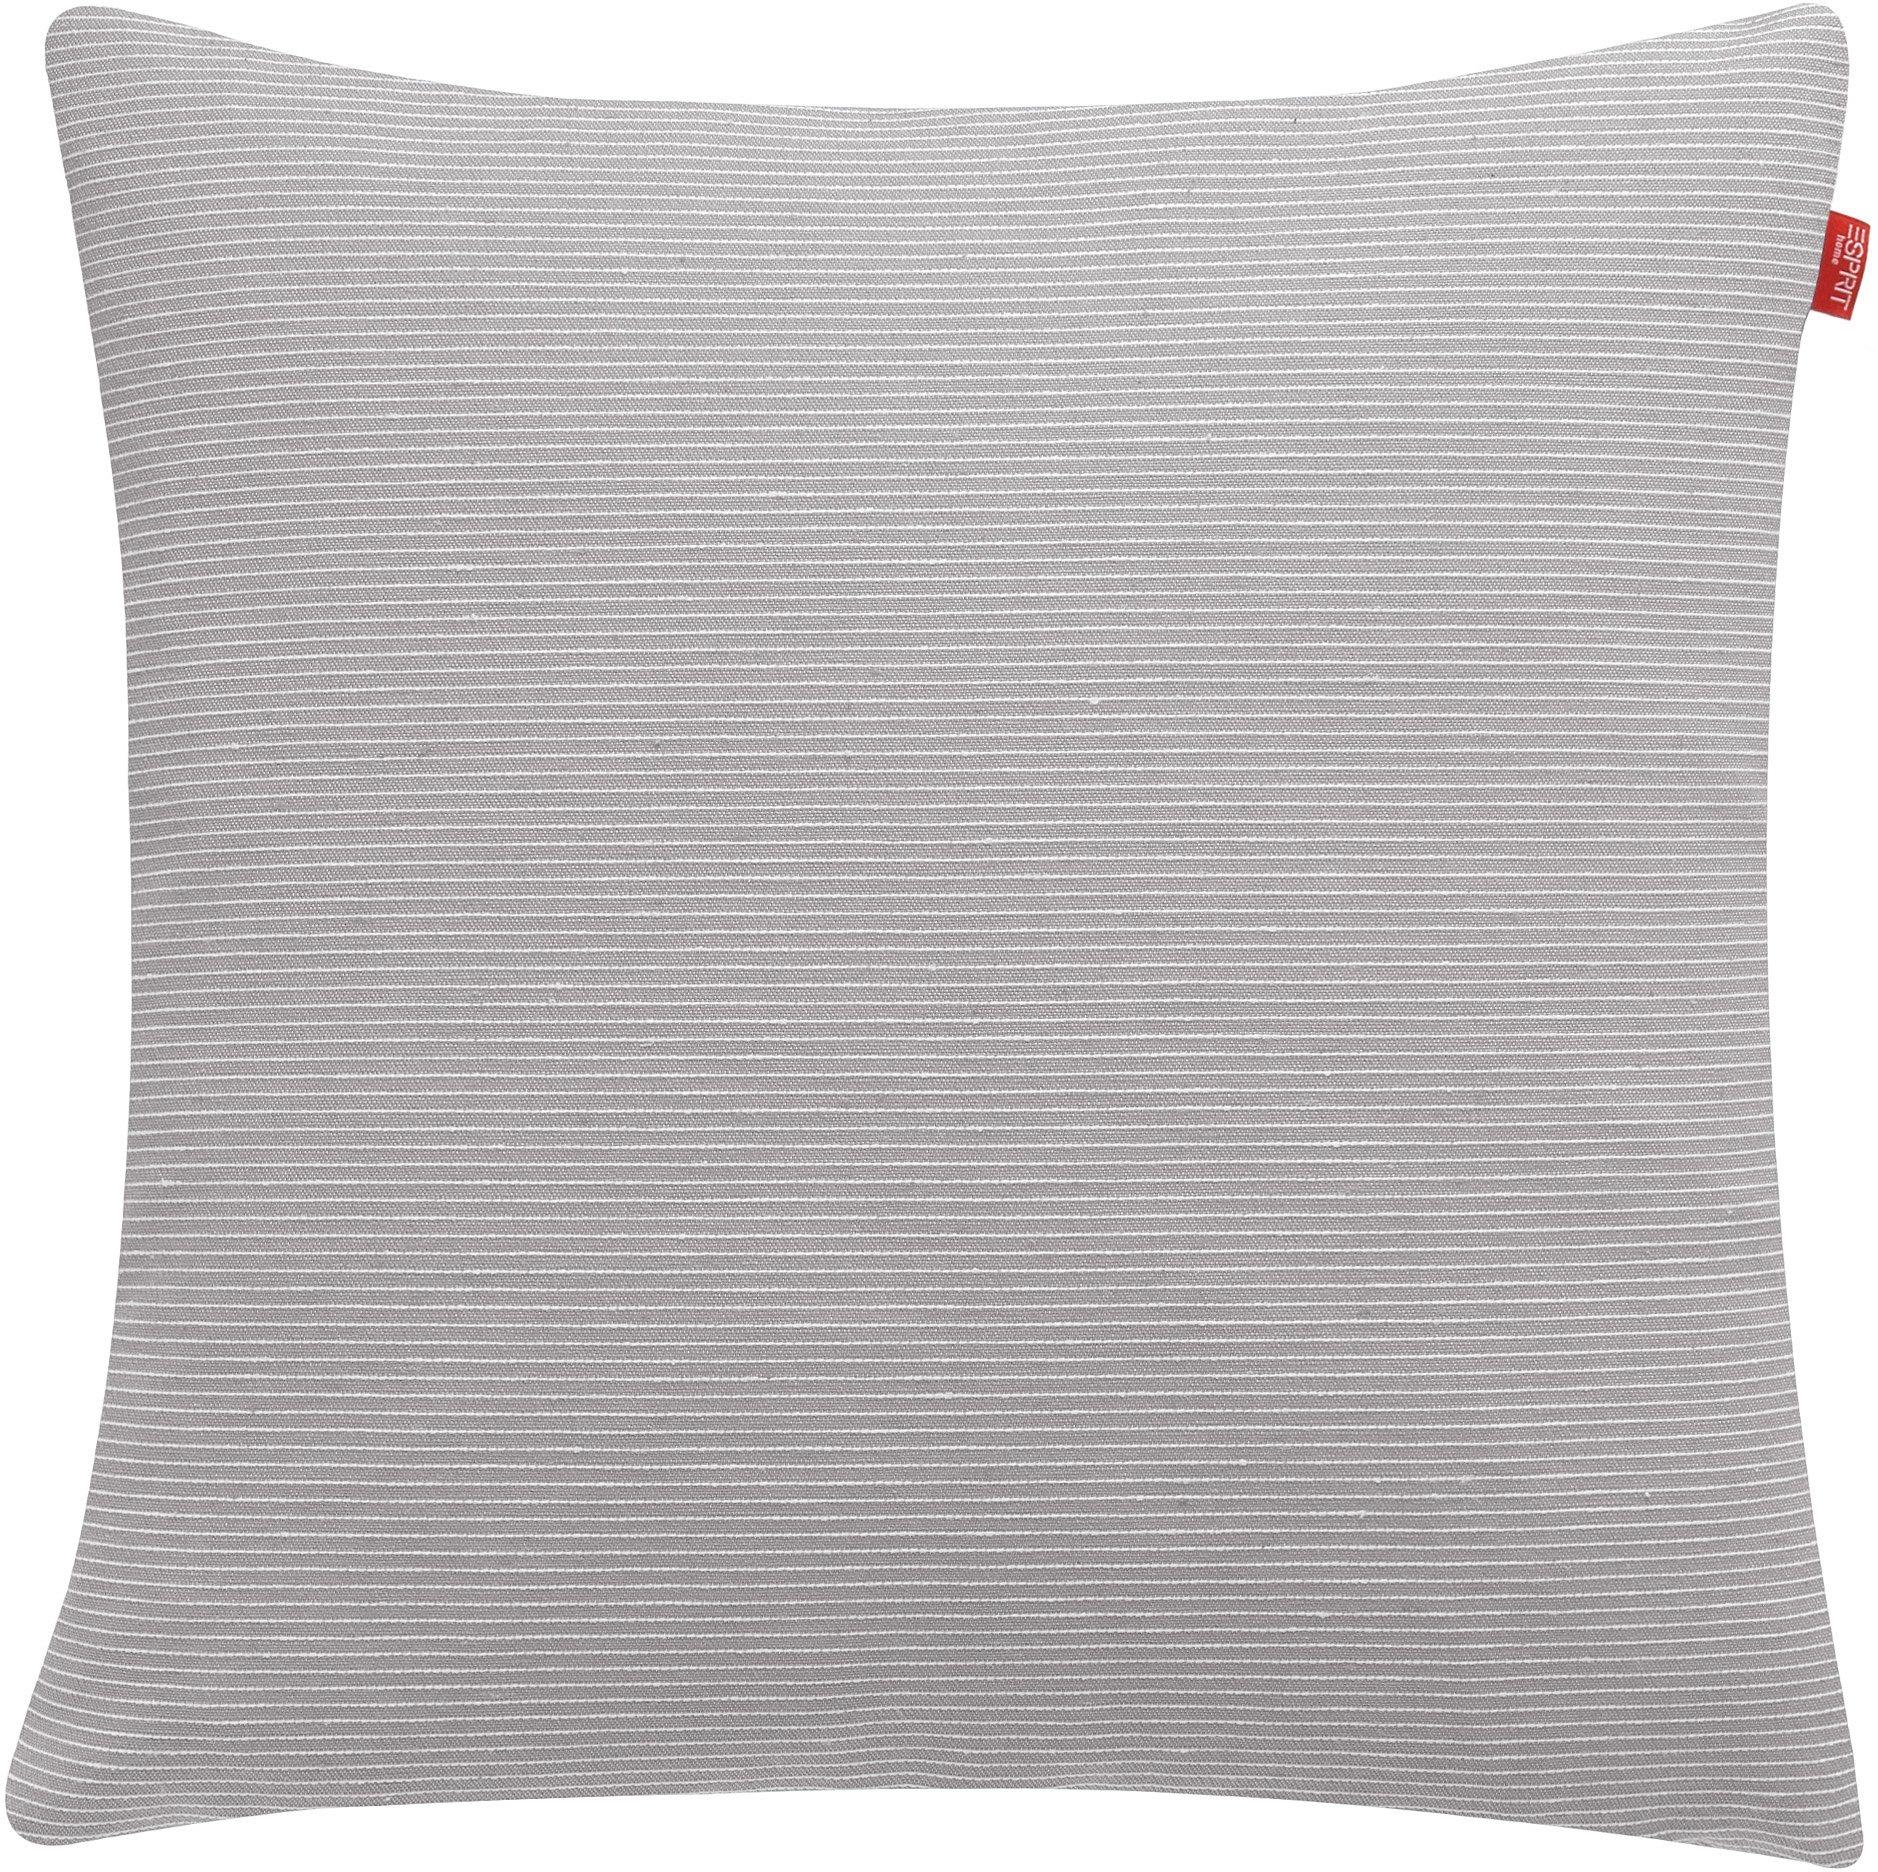 kissenhllen 50x50 excellent great amazing kissenhlle esprit stockholm er pack with kissenhlle. Black Bedroom Furniture Sets. Home Design Ideas